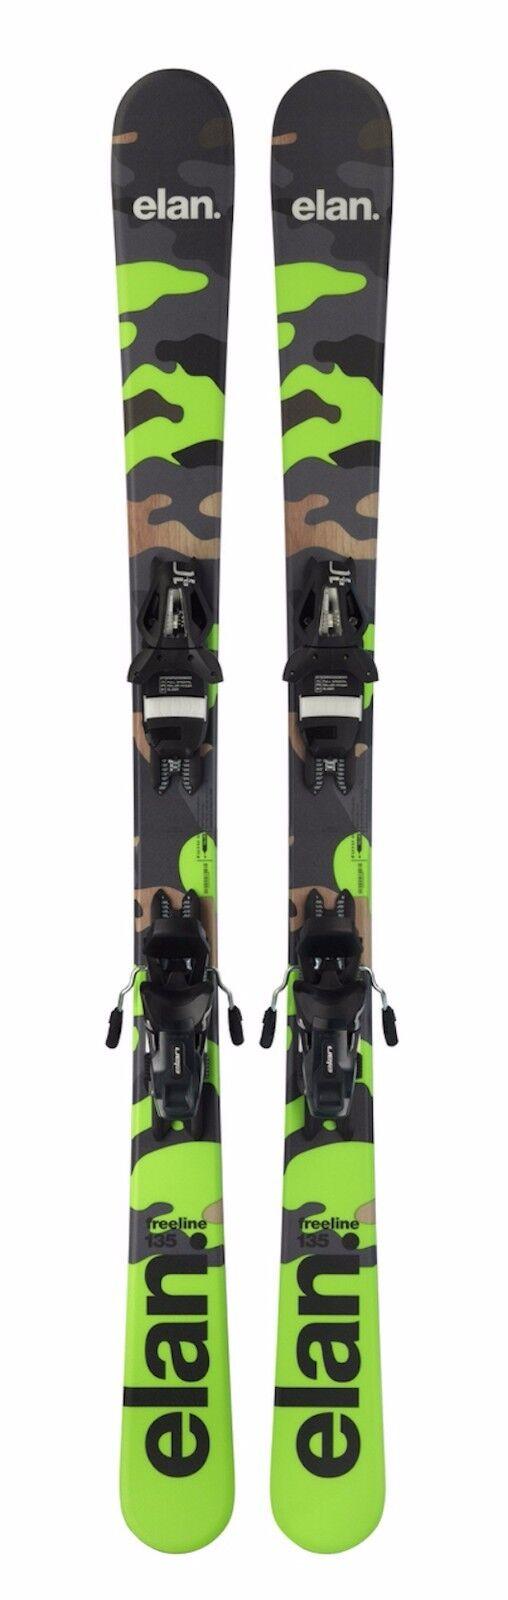 Elan Freeride 125cm åka skidorboard Short åka skidors Snowsweels w. Elan åka skidor Bindings 2019